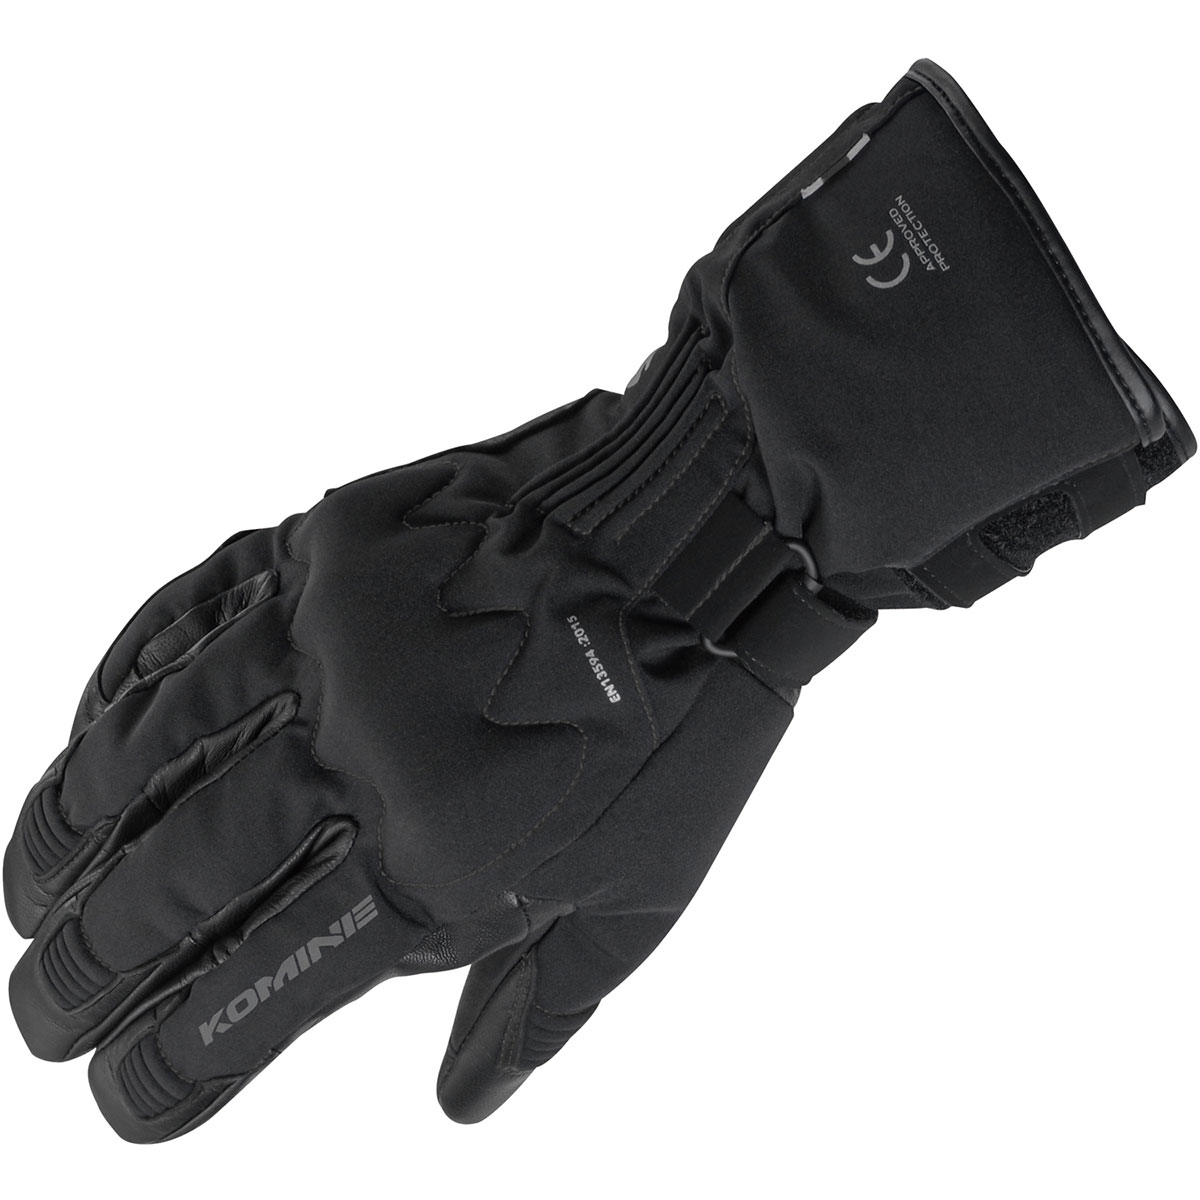 コミネ(KOMINE) プロテクトウィンターグローブ GEL GK-828 ブラック Lサイズ AIR